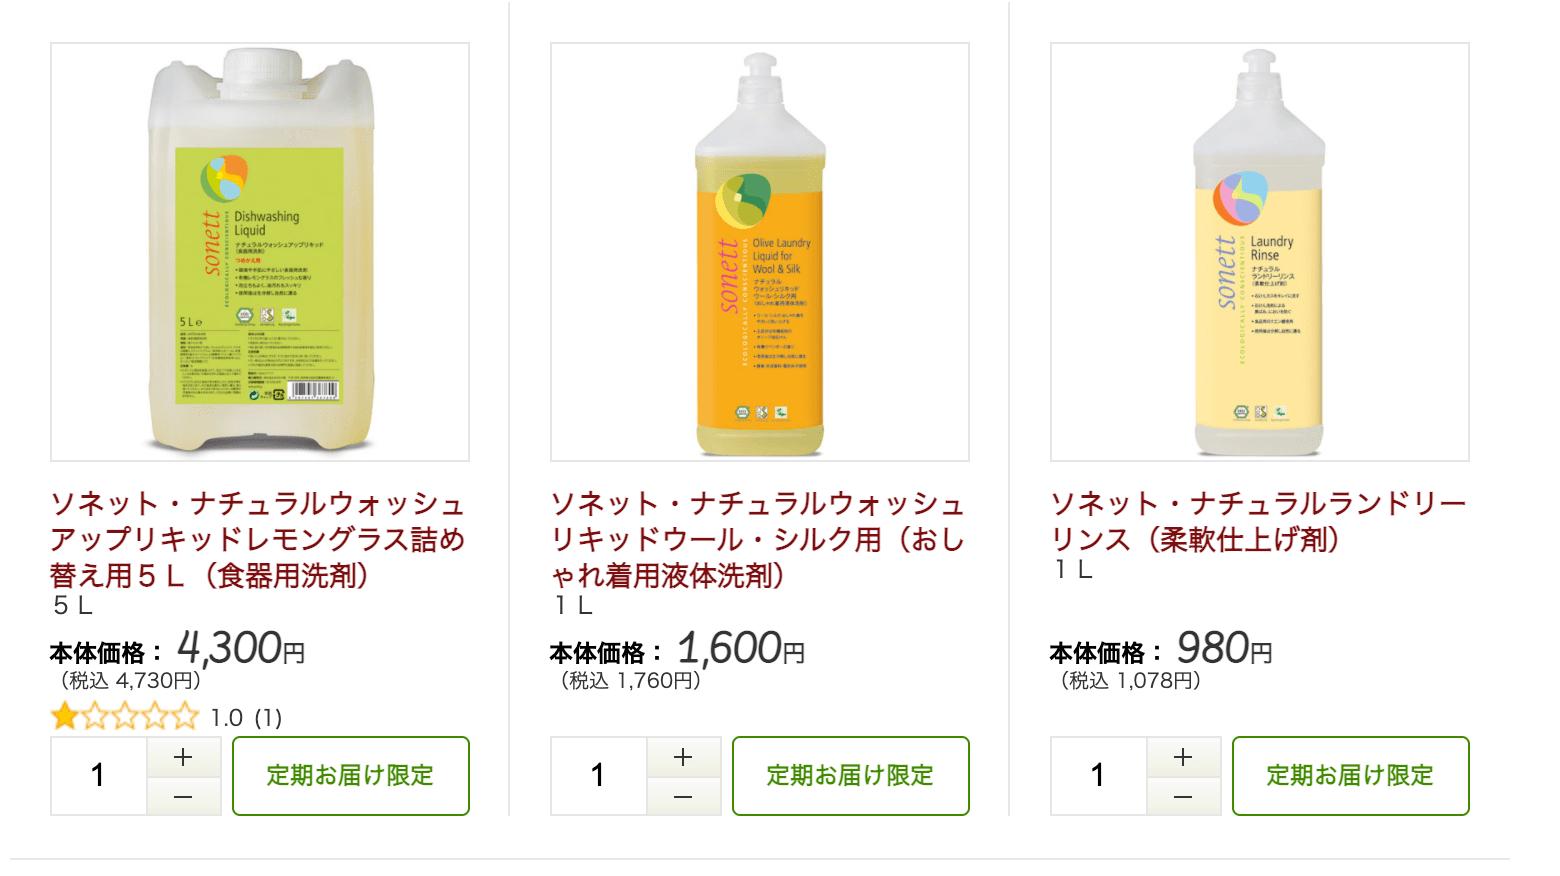 らでぃっしゅぼーやのSonett無添加洗剤